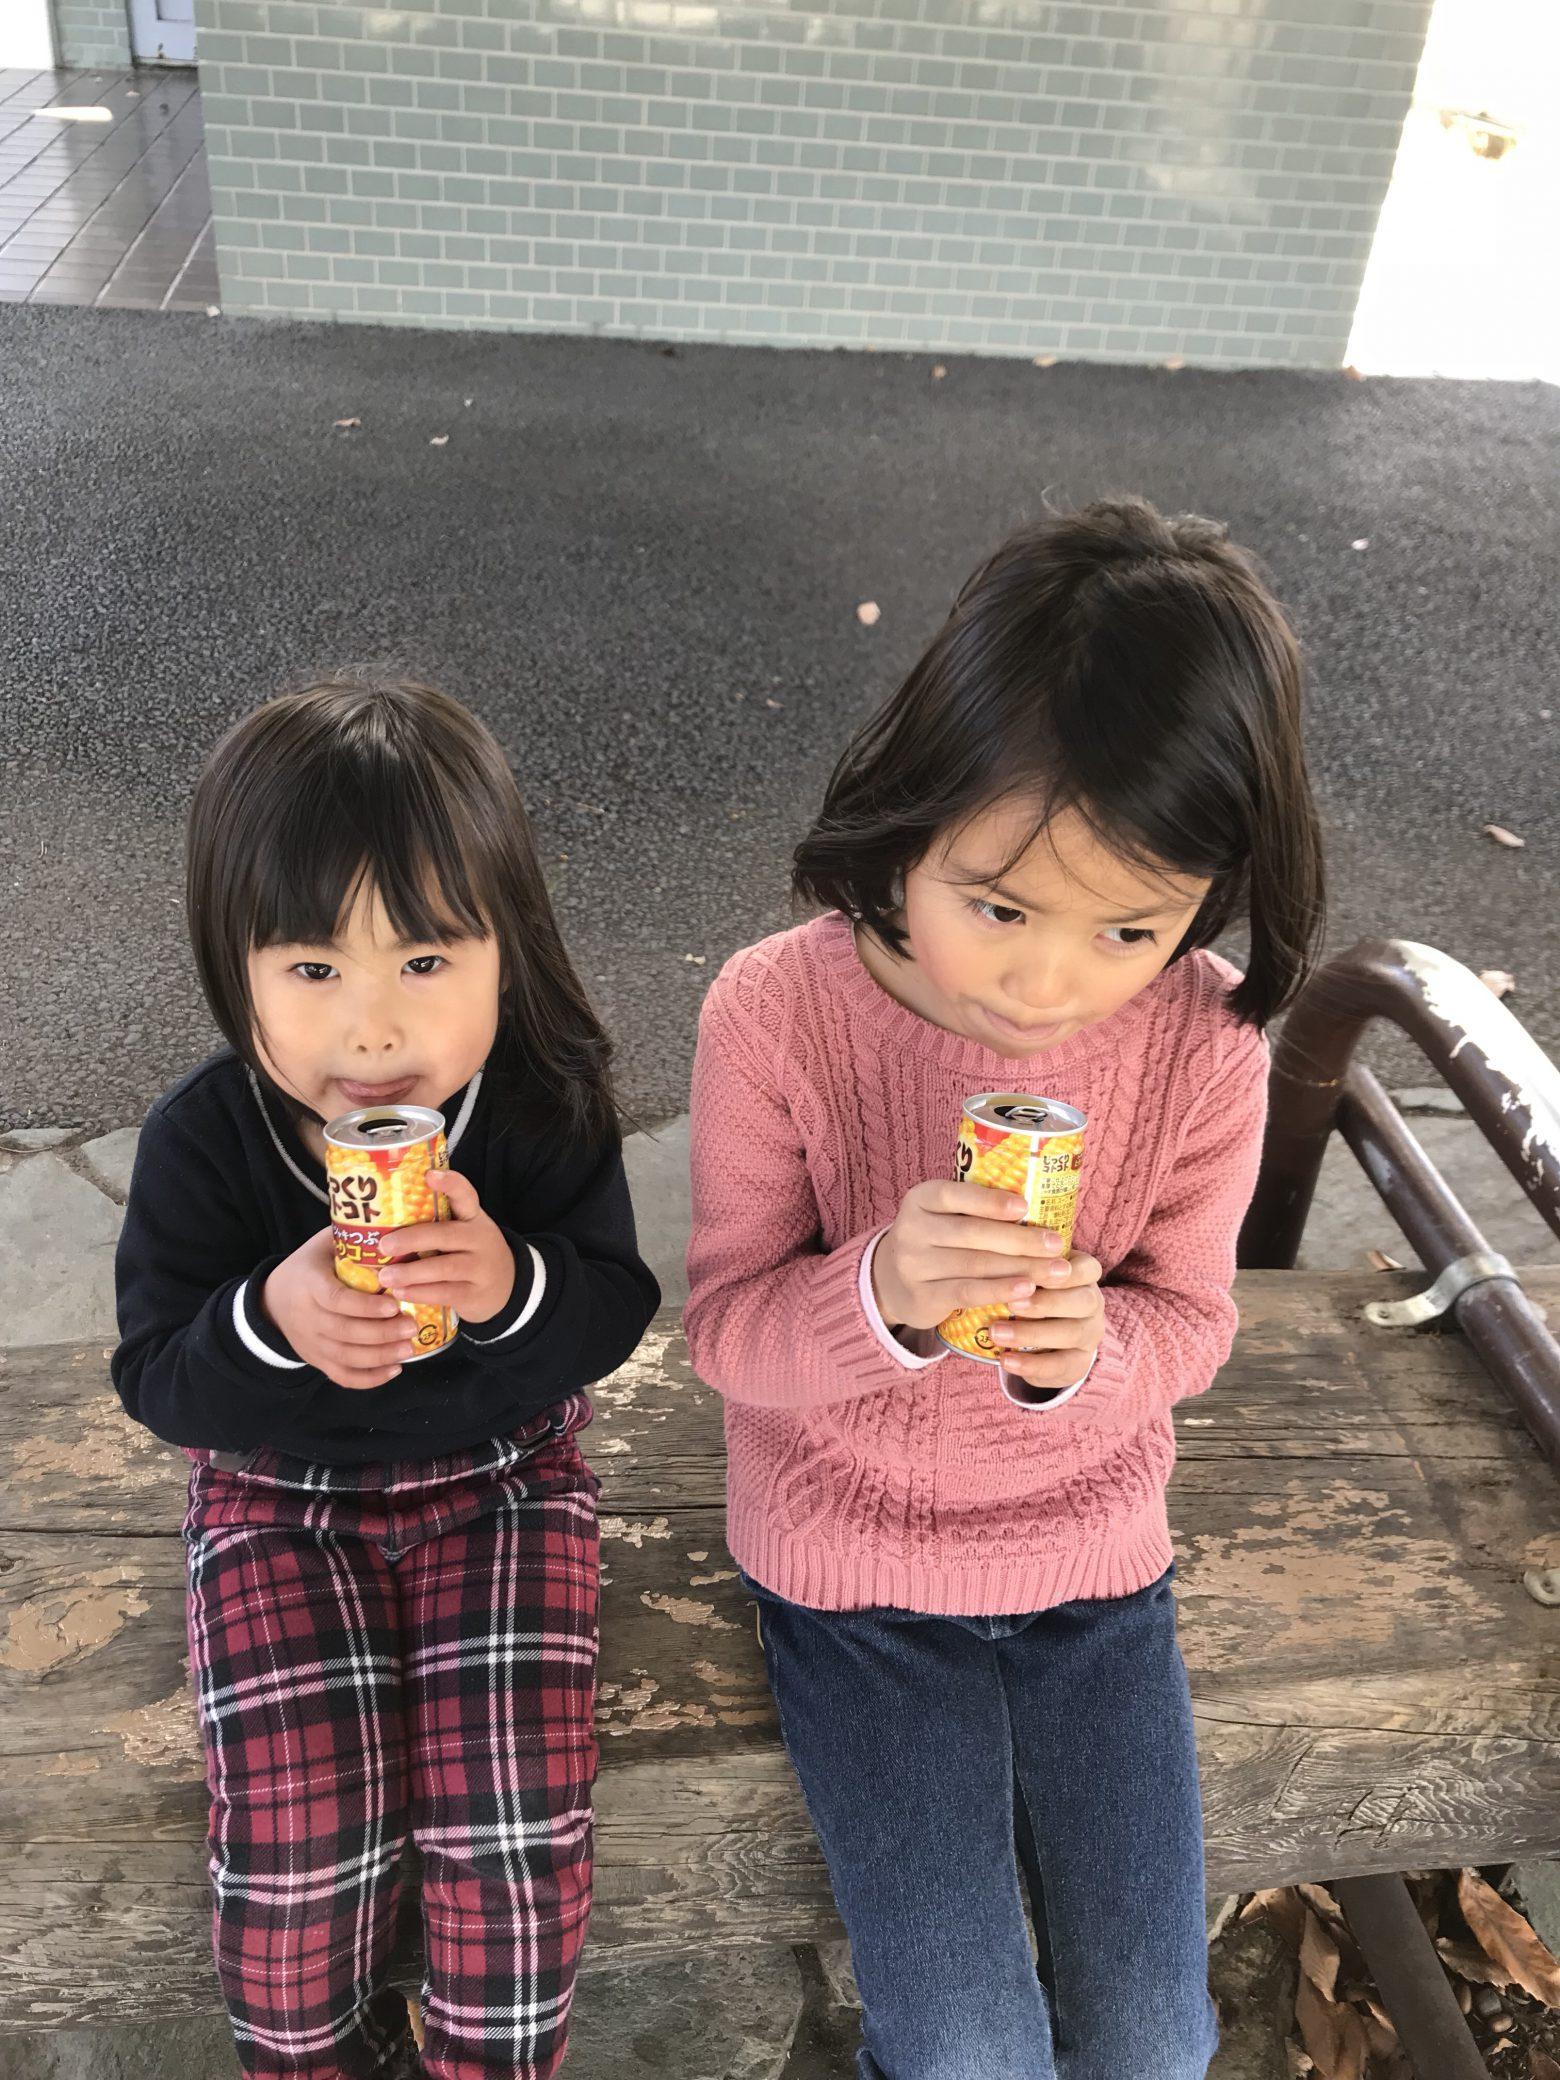 家族日記。そして正月の日本の風物詩【箱根駅伝】を楽しみながら!